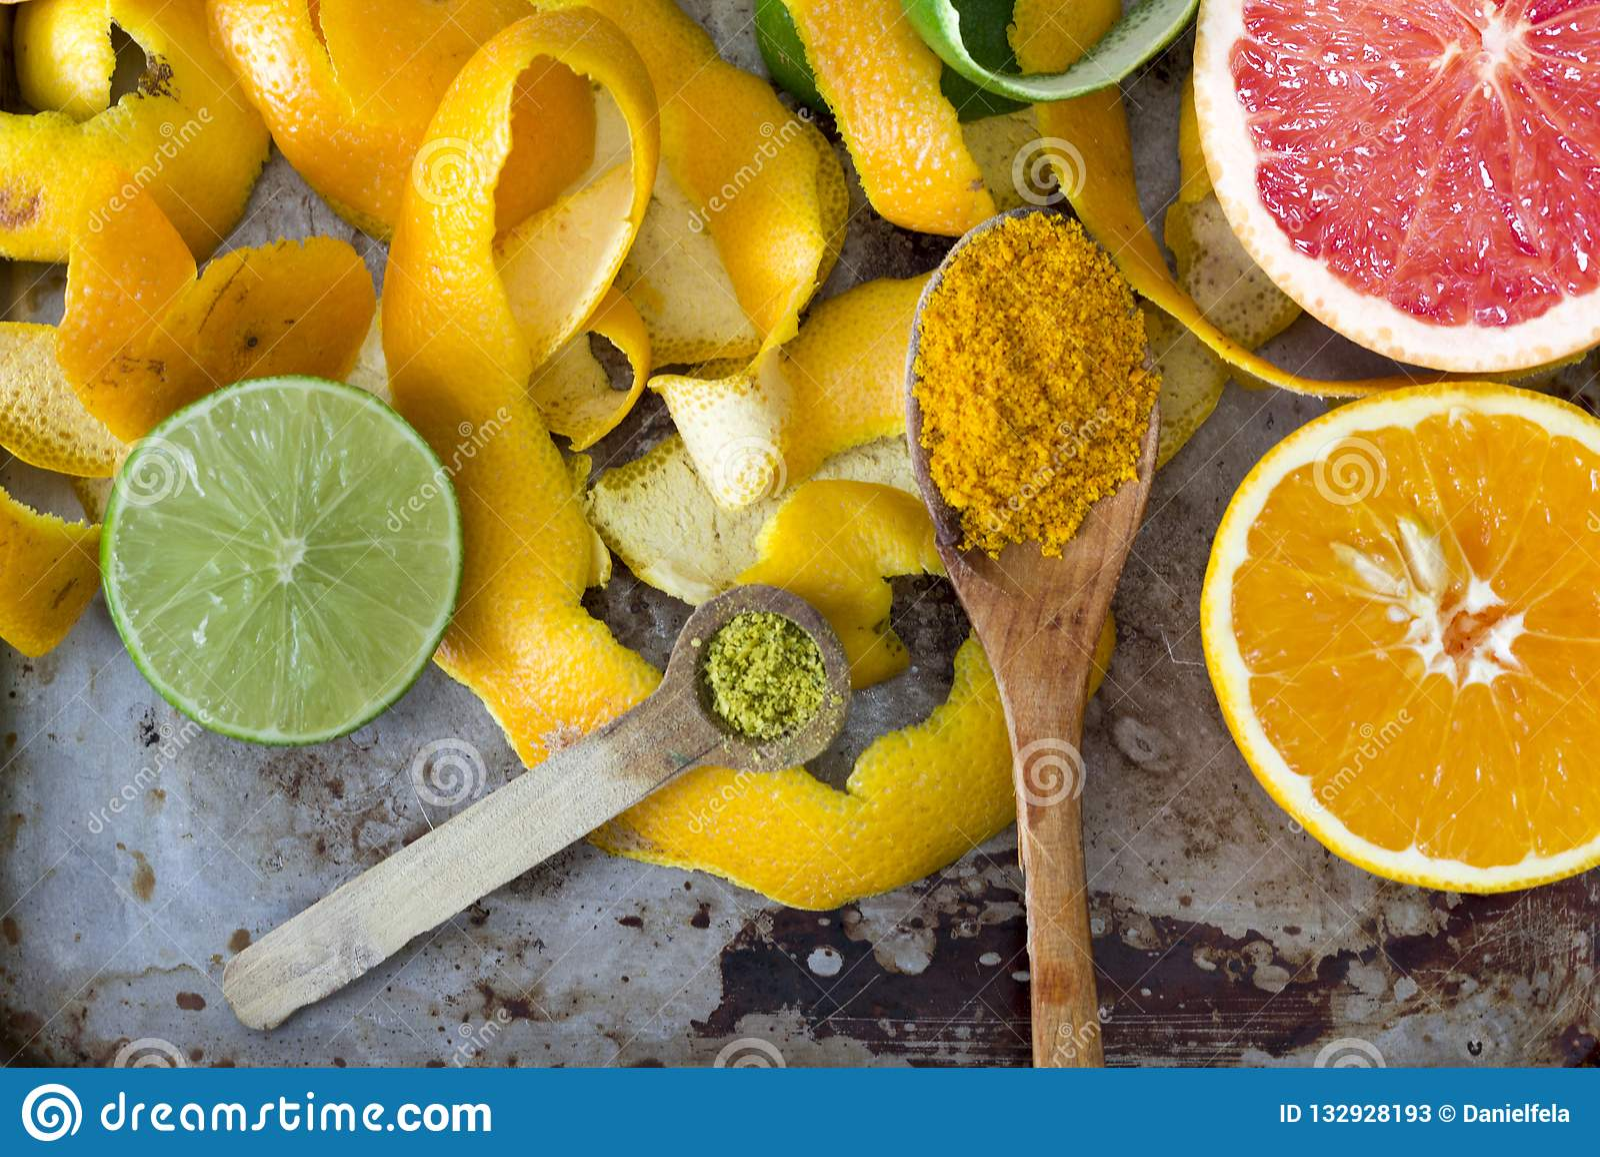 que tiene mas vitamina c la naranja o el pomelo